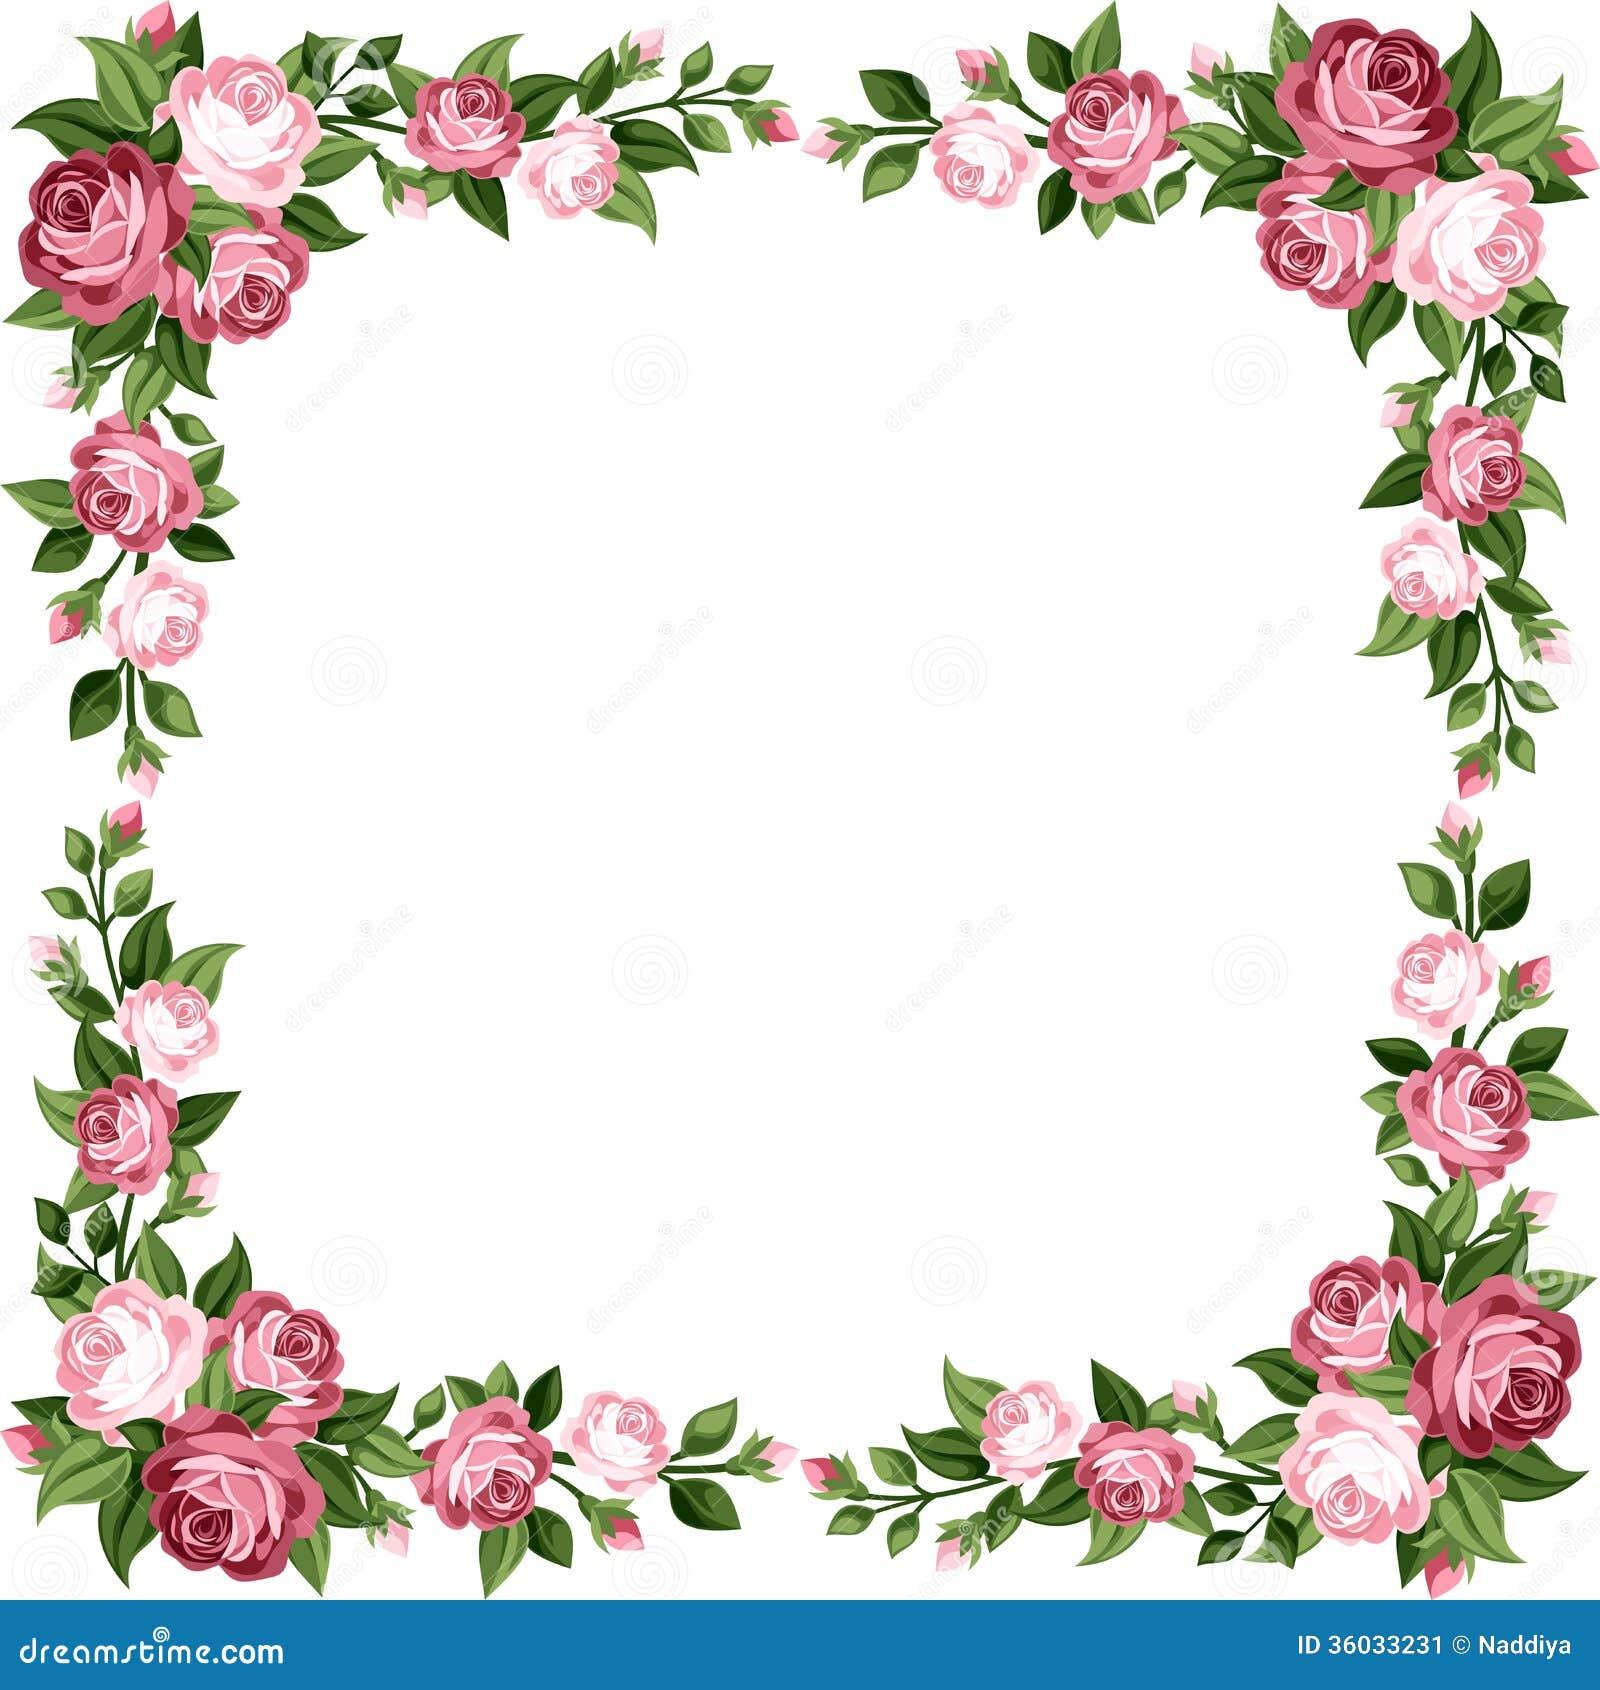 Marco del vintage con las rosas rosadas.